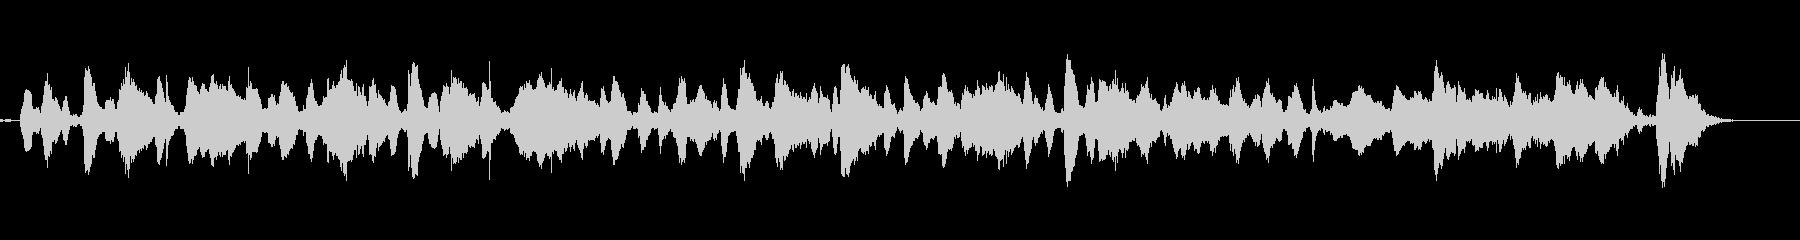 少しダークなバイオリン録音のジングルの未再生の波形